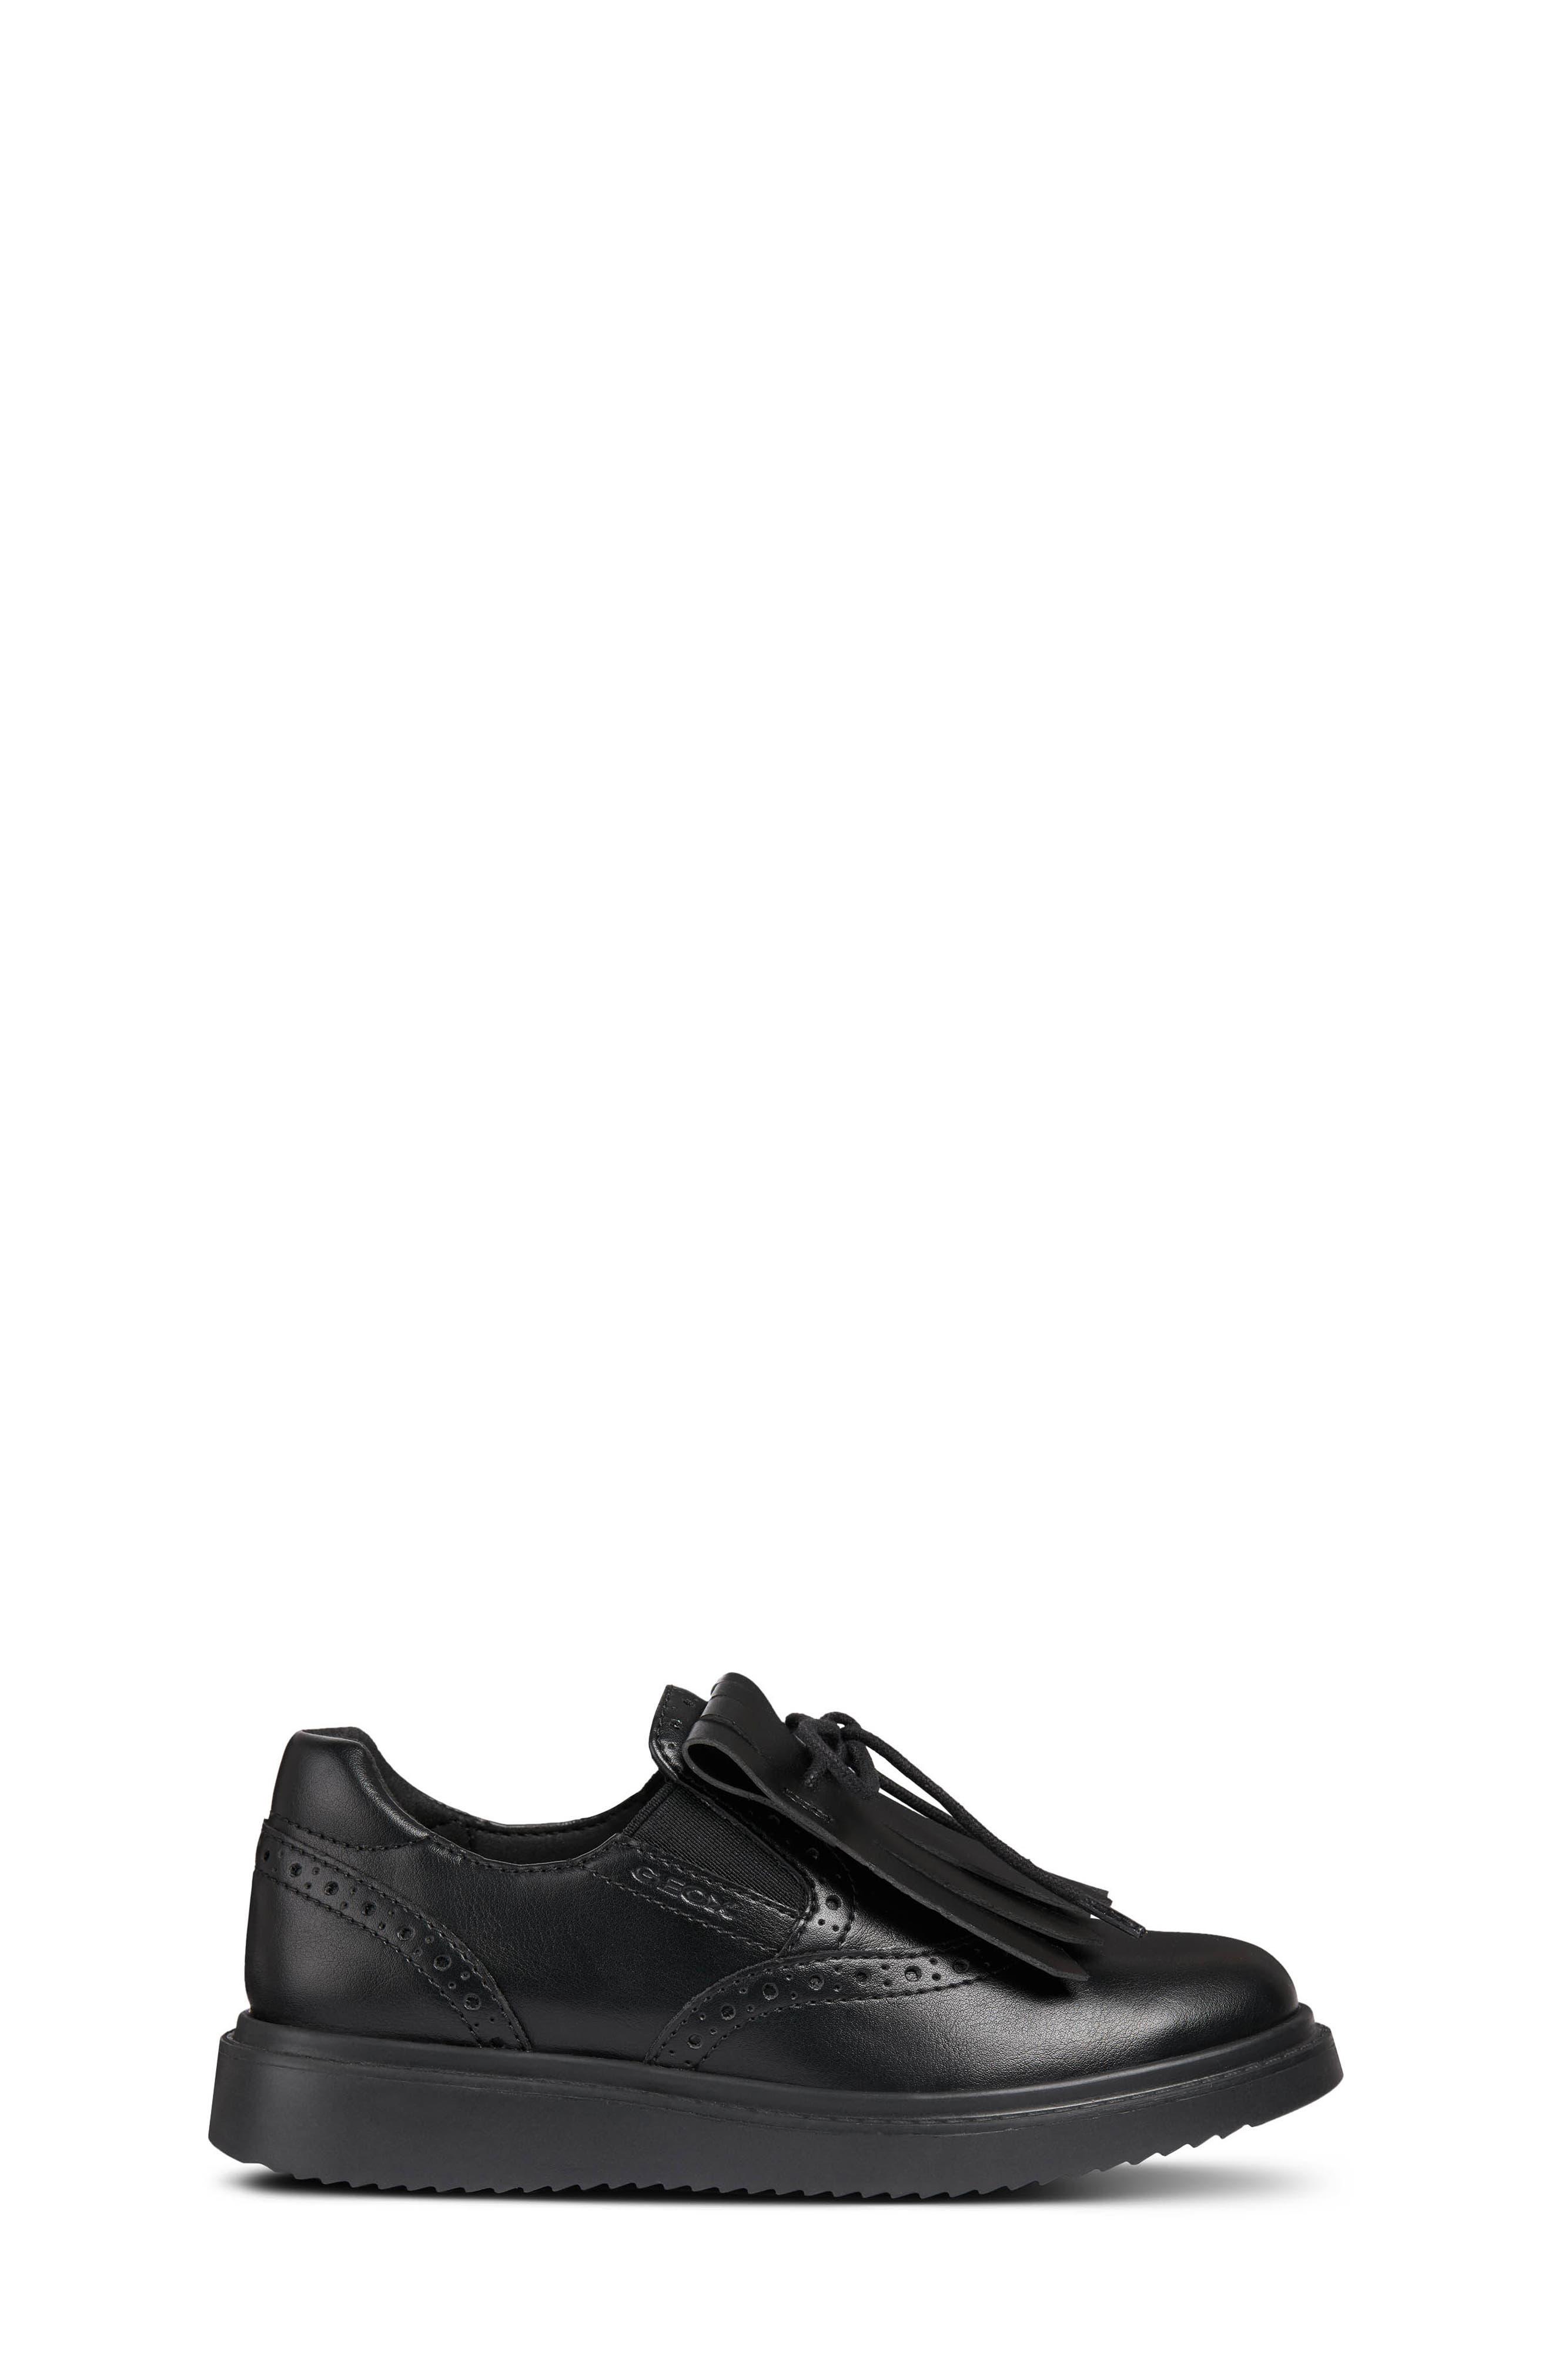 Thymar Kiltie Fringe Sneaker,                             Alternate thumbnail 3, color,                             BLACK